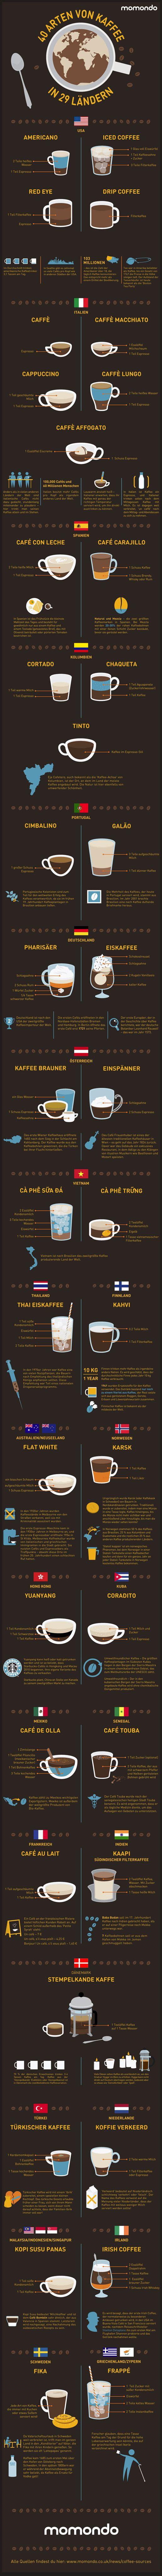 Eine Infografik von momondo zeigt 40 Arten von Kaffee aus 29 Ländern. Ist dein Lieblingskaffee auch dabei?